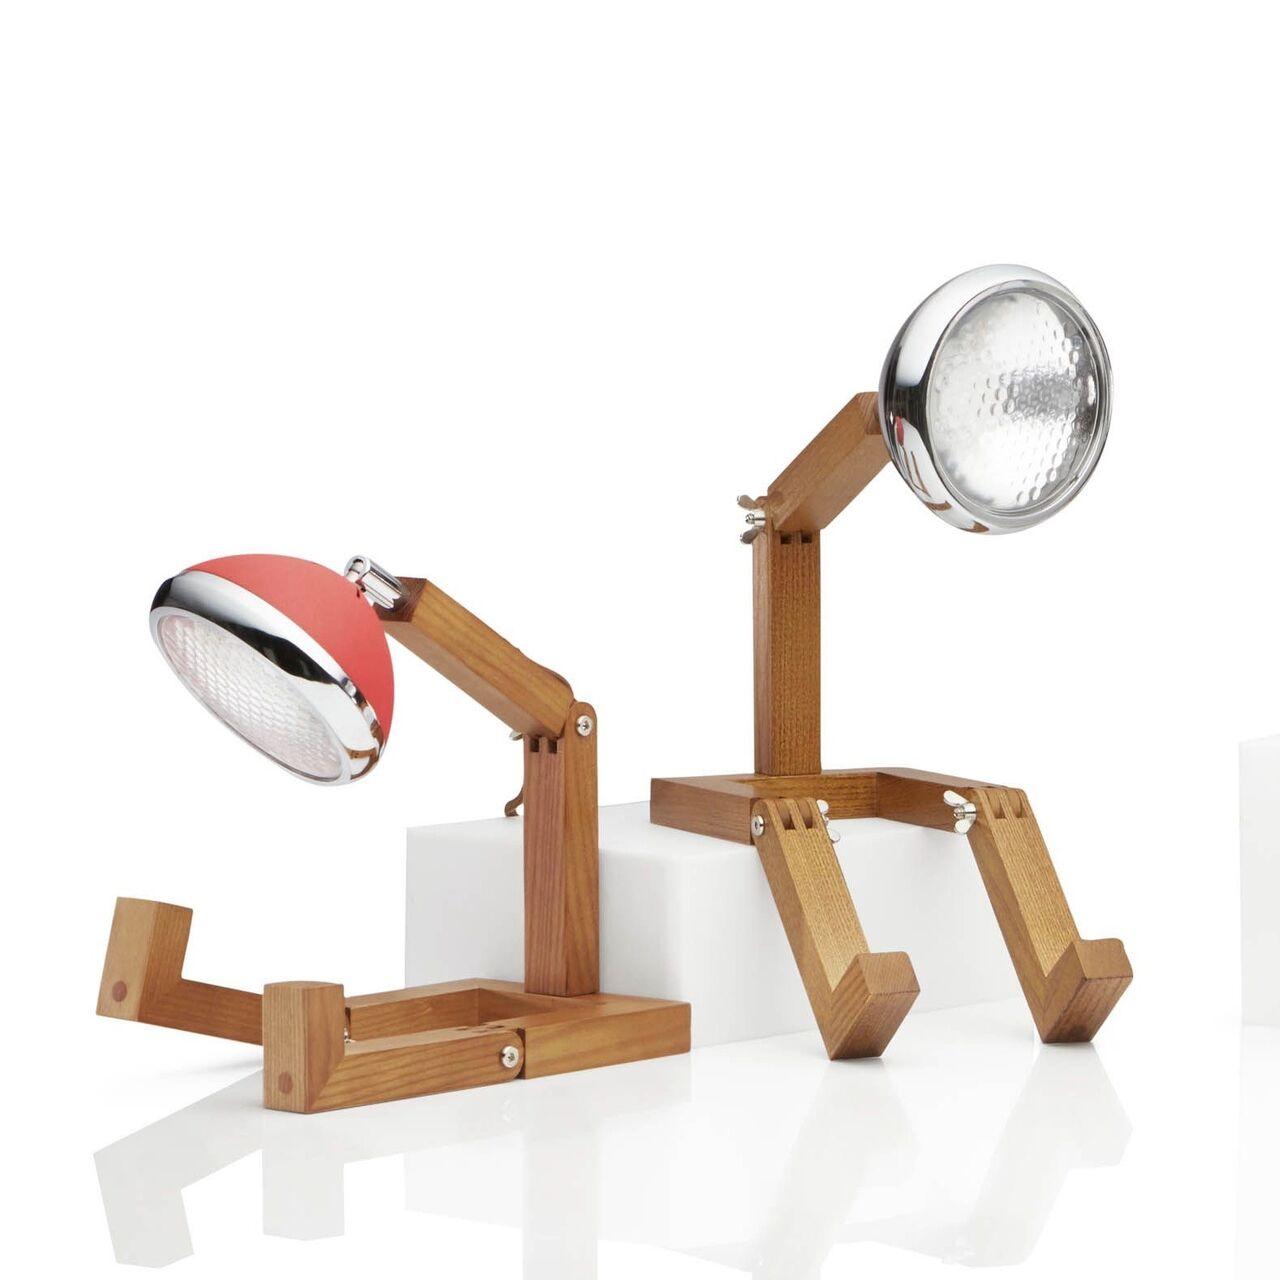 La Maison › Luminaires › Lampes De Table › Lampe Mr Wattson   Boutique cdvshop.com